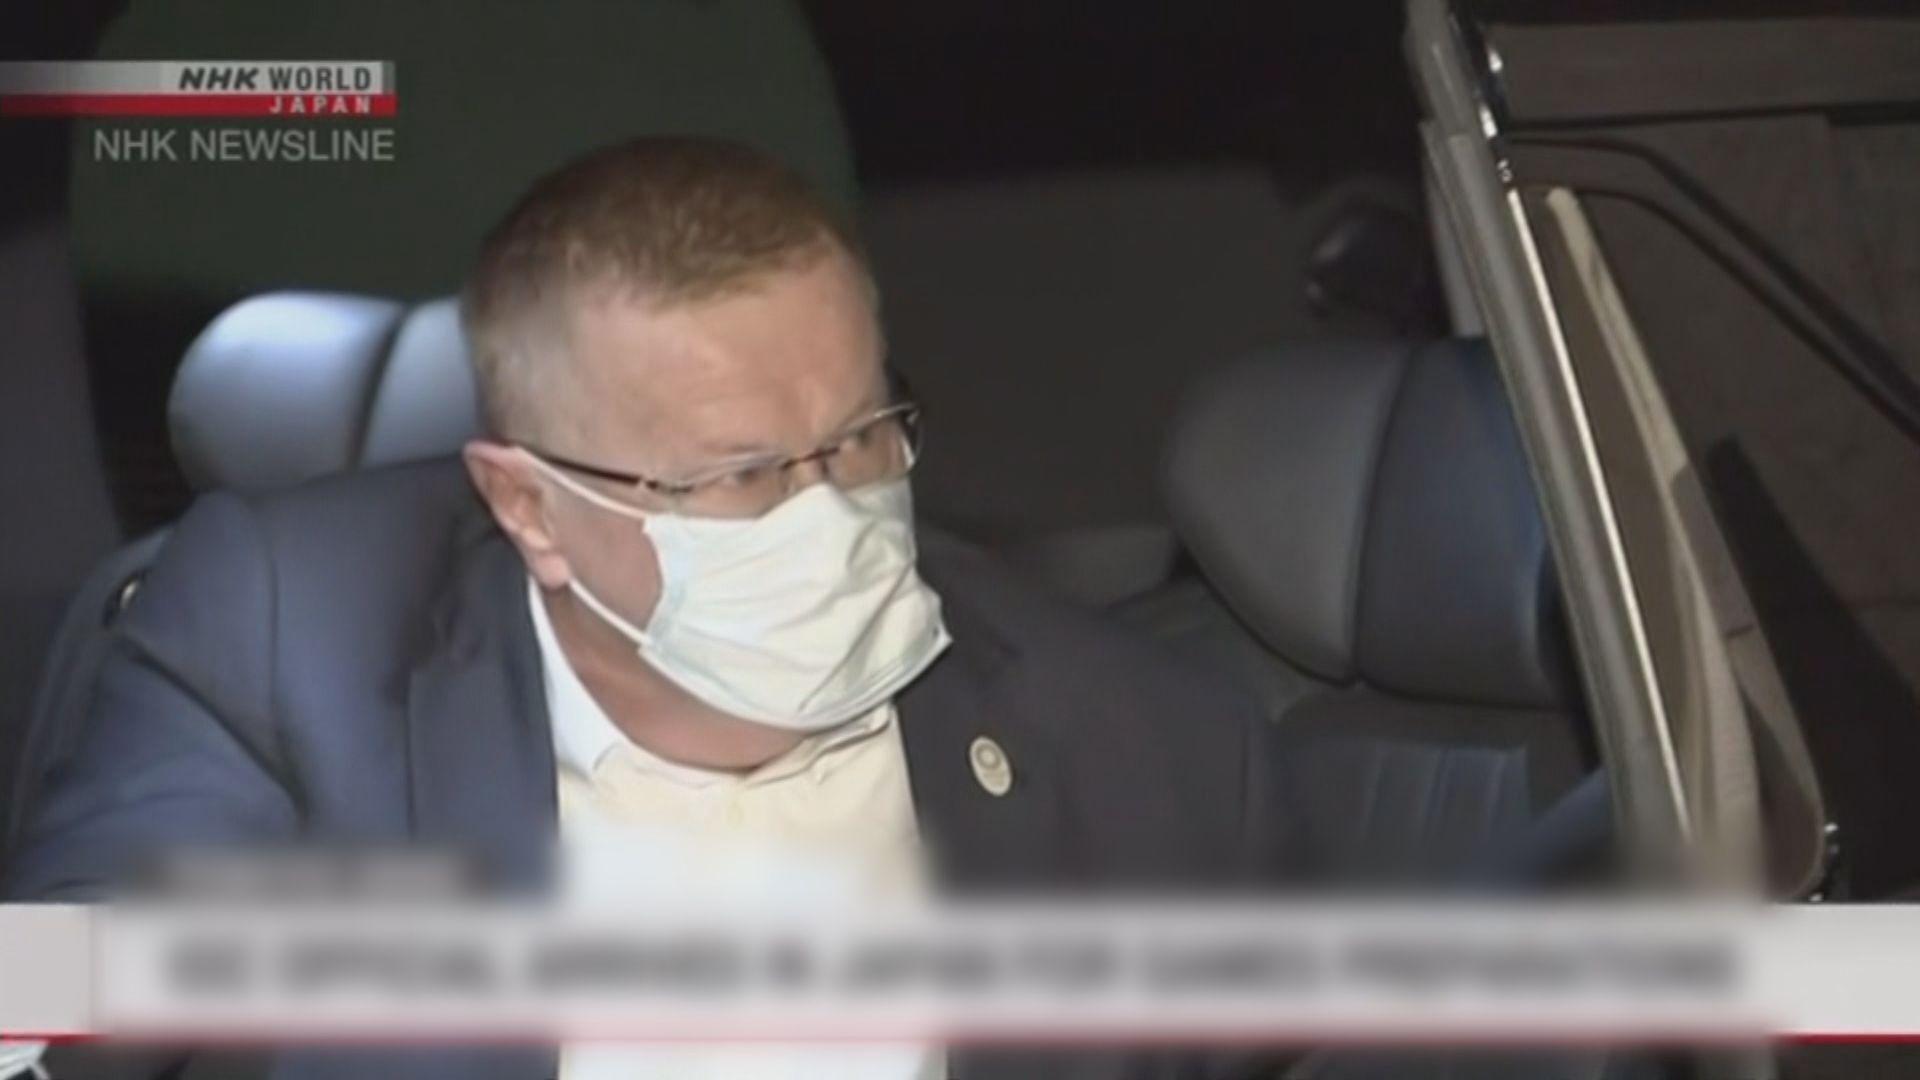 國際奧委會副主席科茨抵達東京 為奧運作最後準備